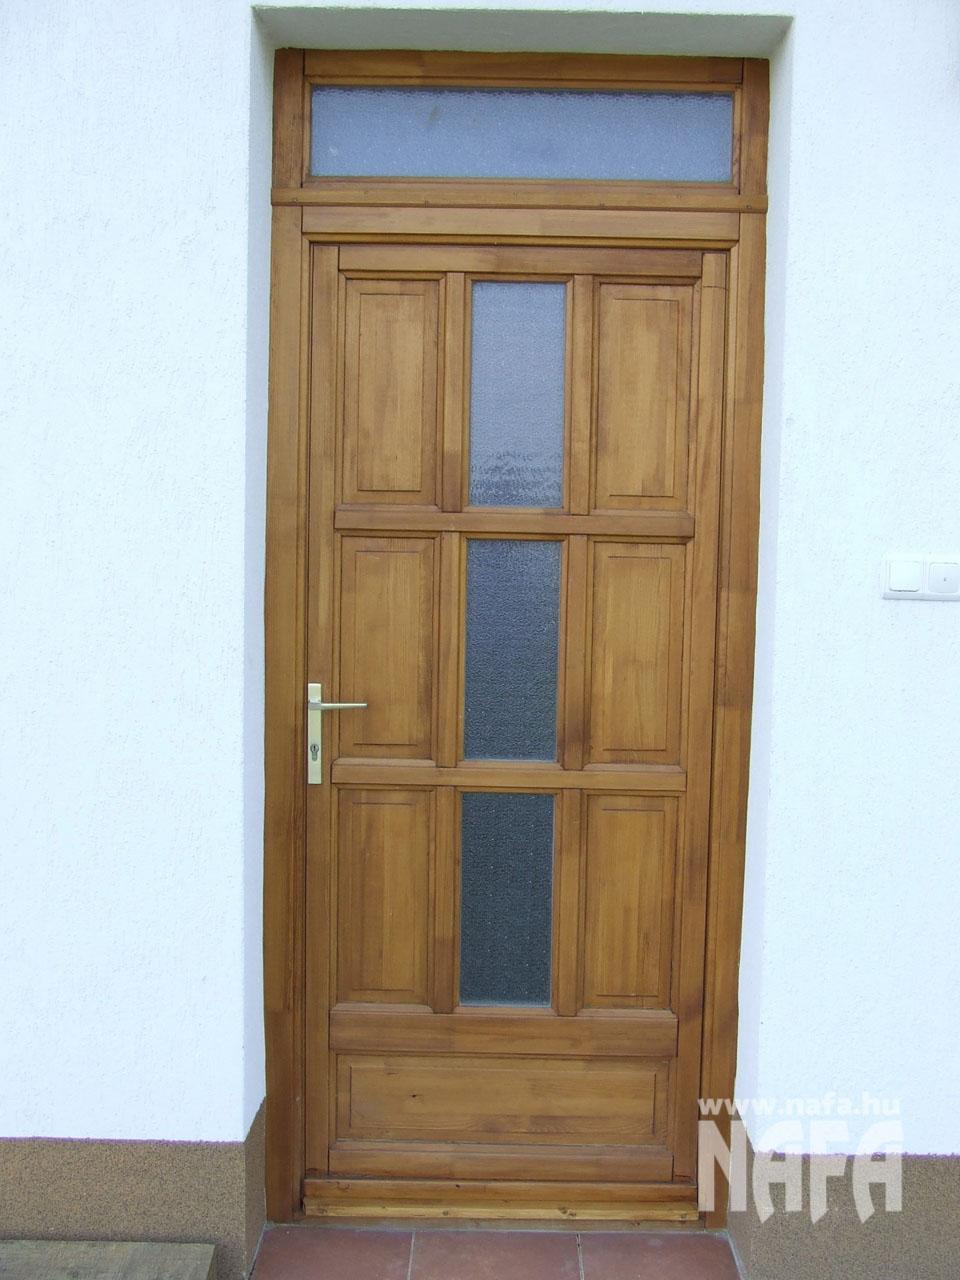 Fa nyílászárók, egyedi festett ajtó, Pécs Közintézmény